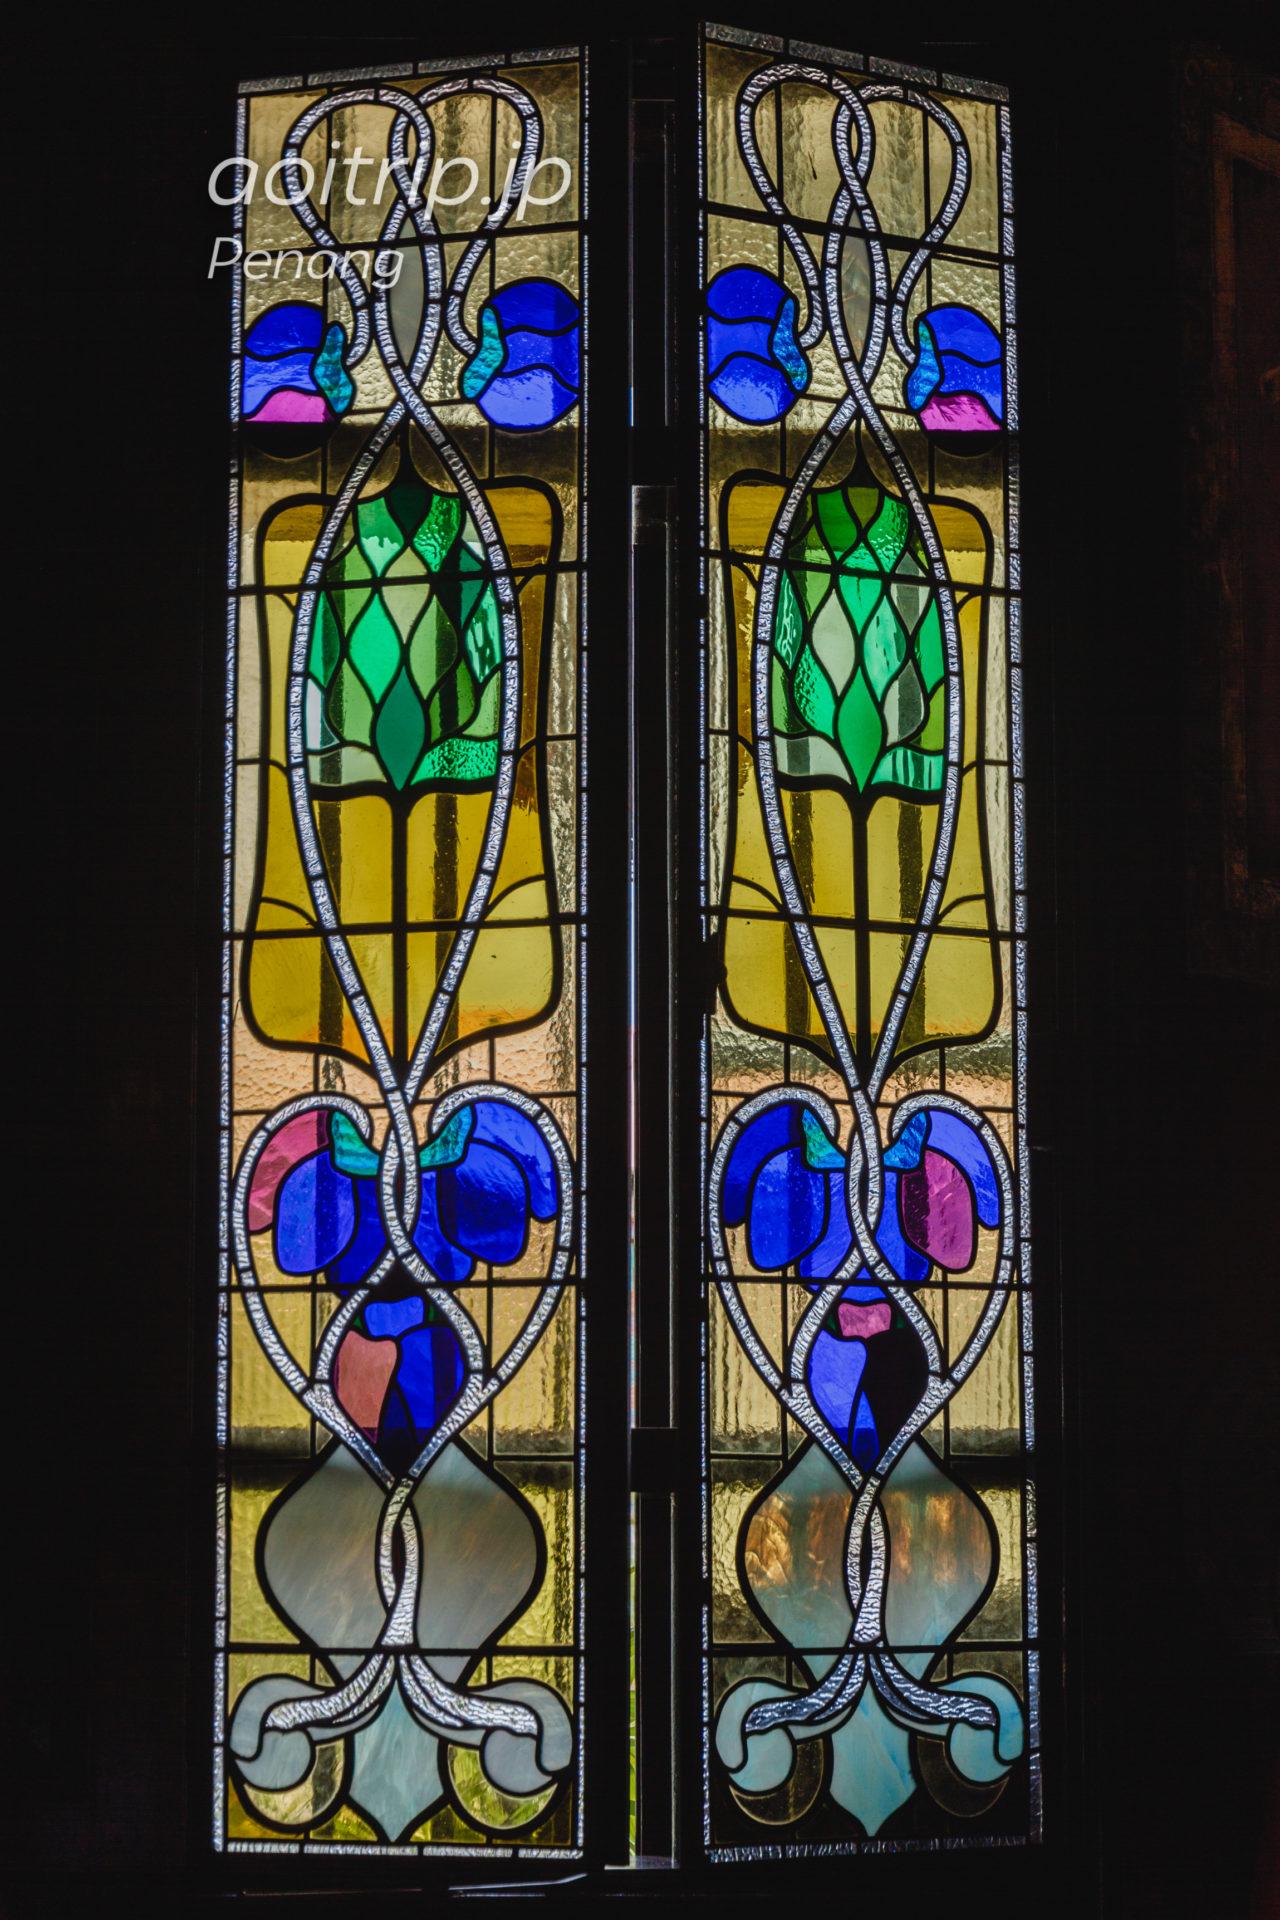 ペナン島のブルーマンション アール・ヌーヴォーのステンドグラス窓